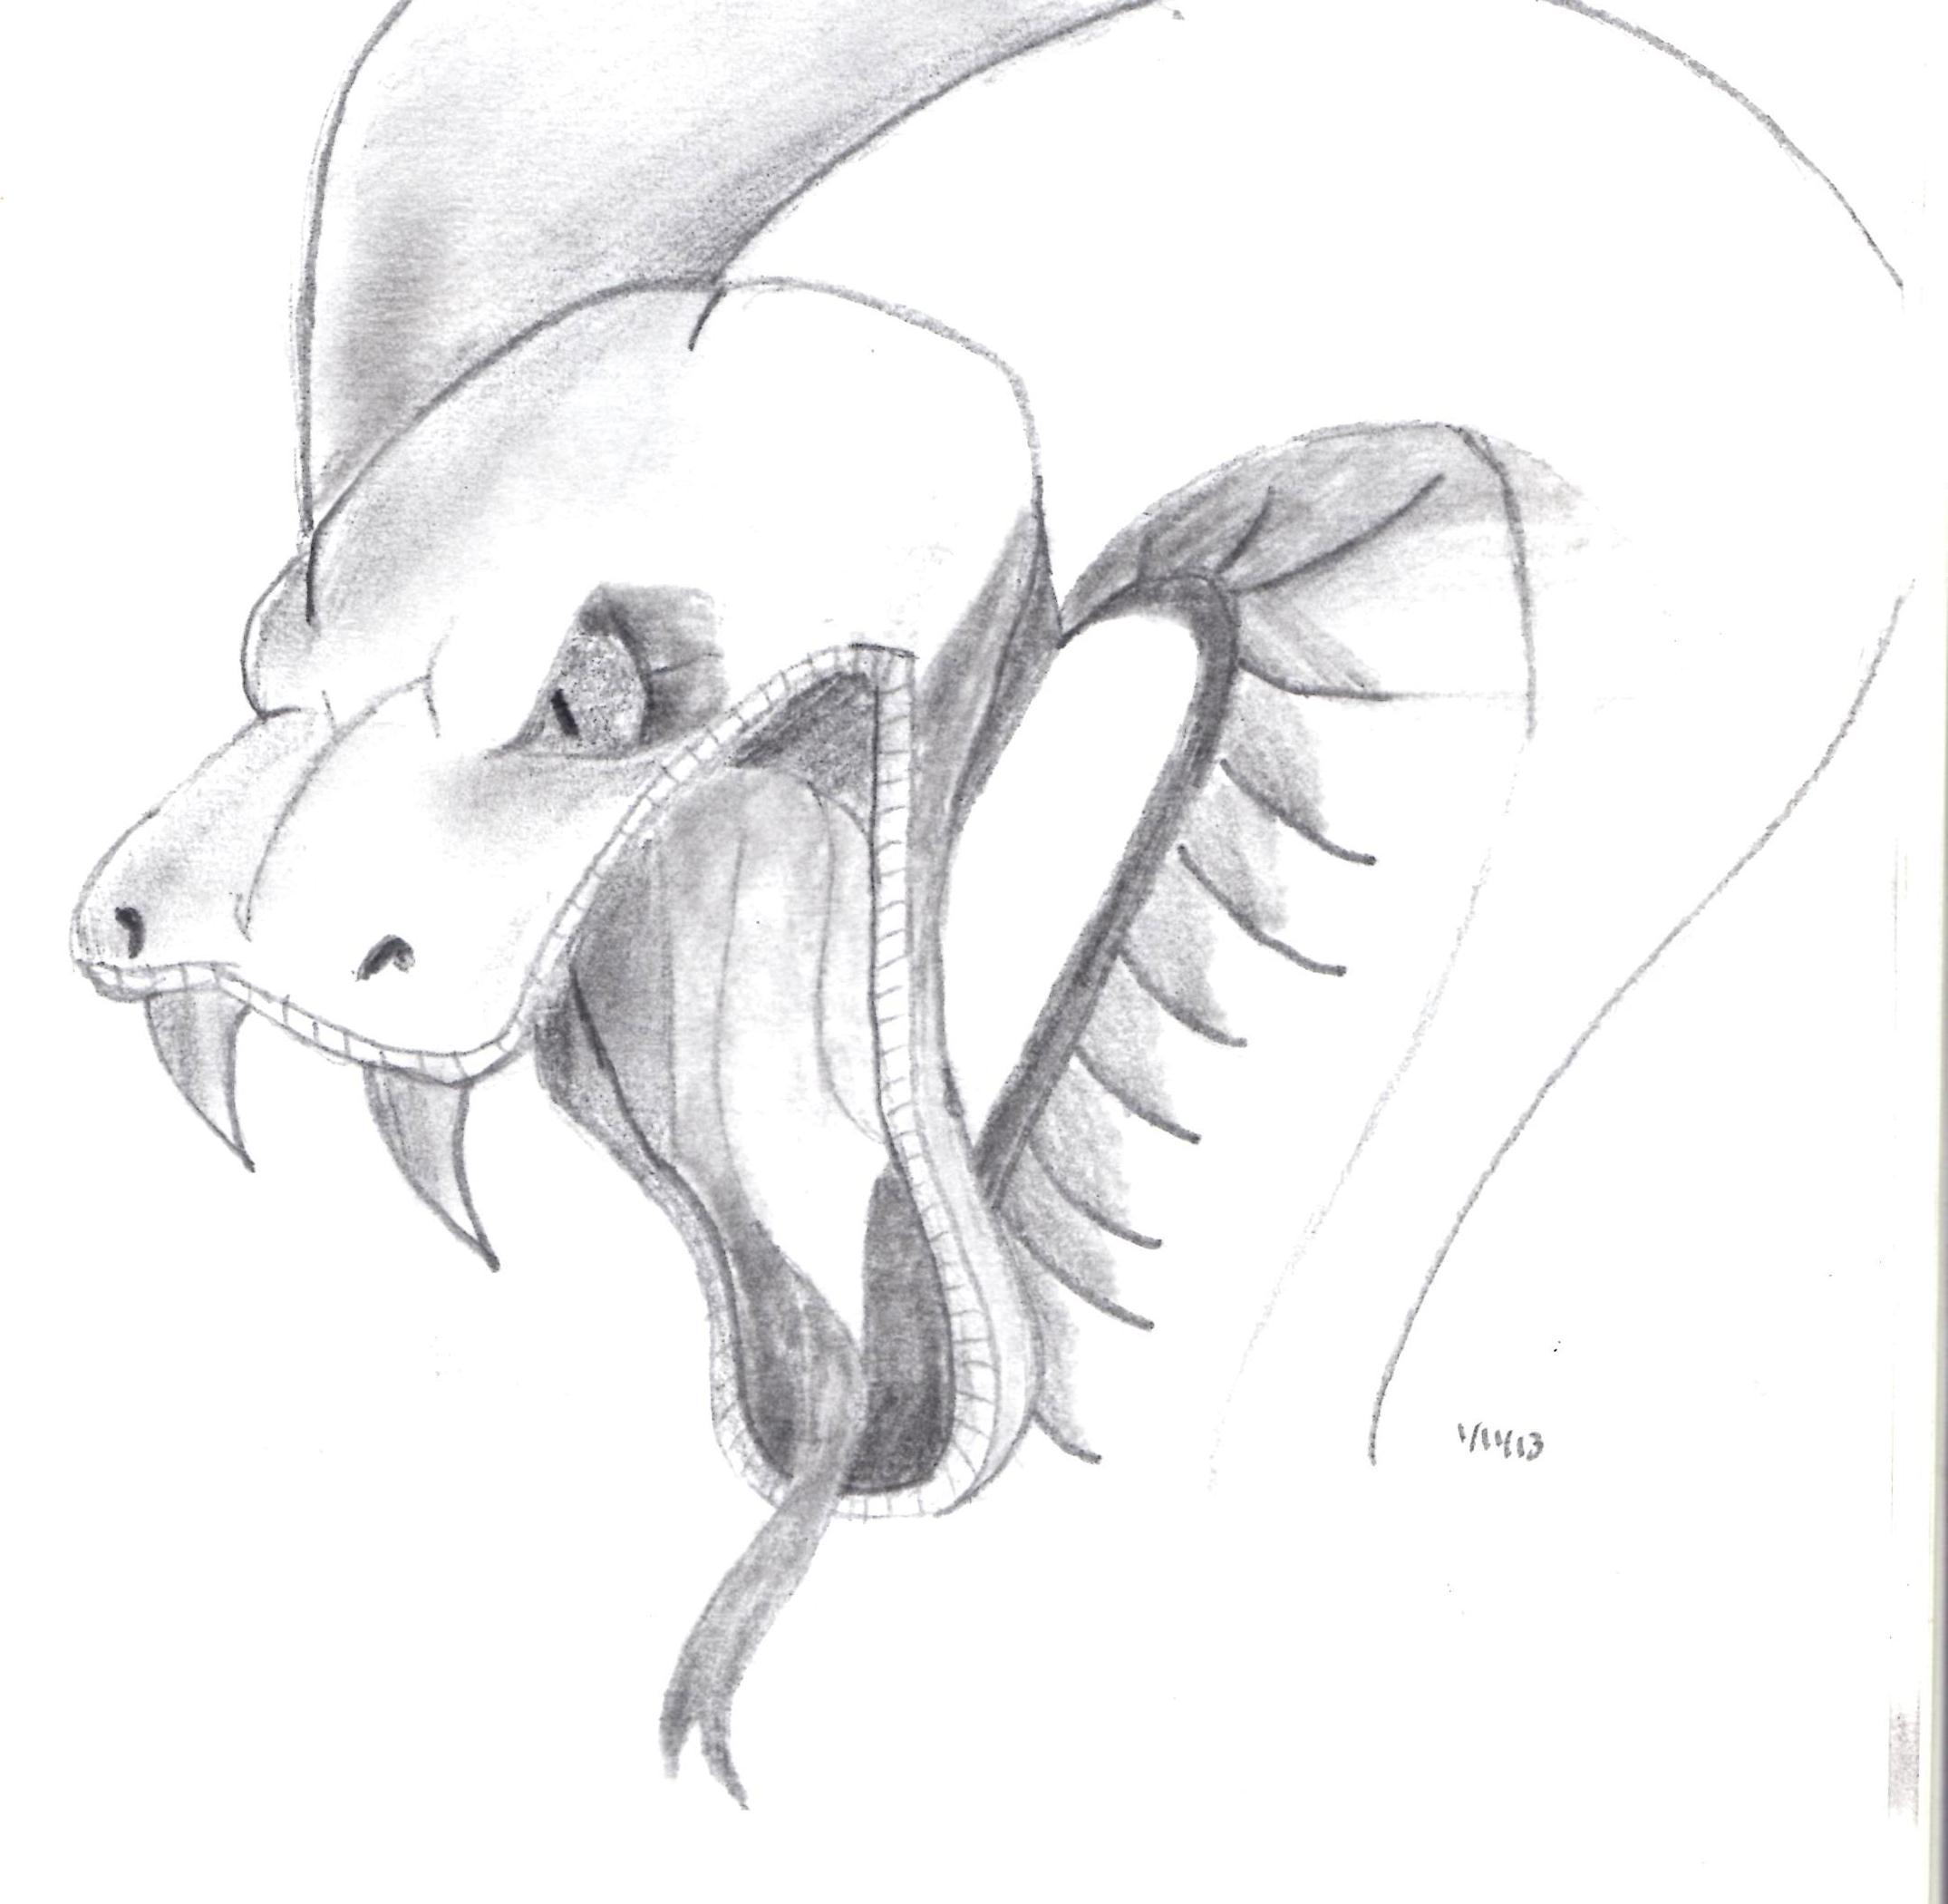 Drawn snake angry snake 2017 Drawing © Drawing 20